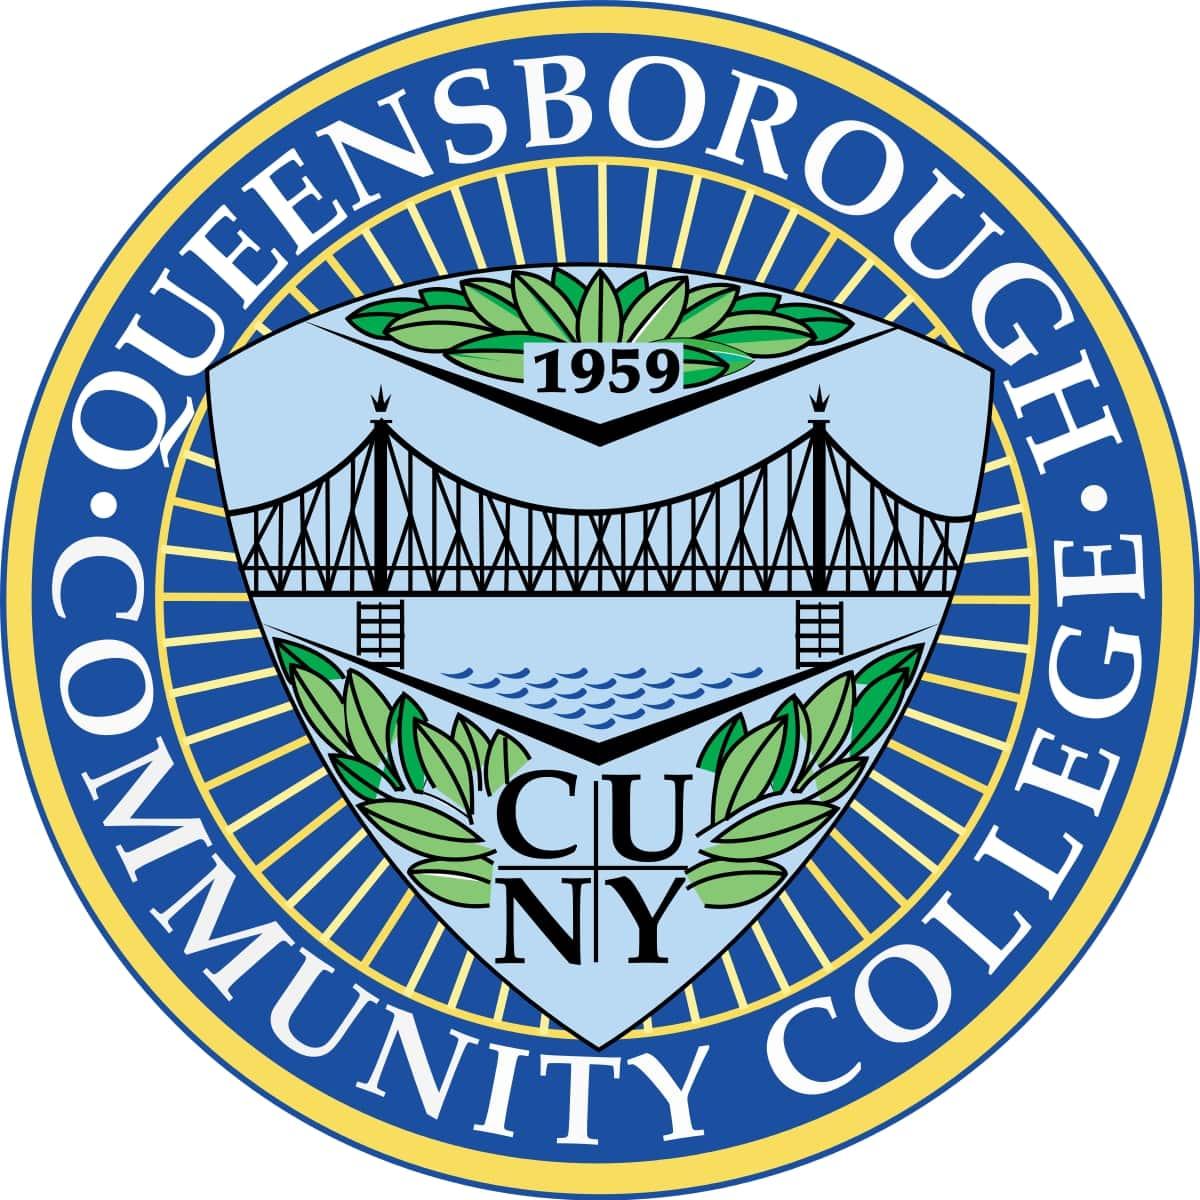 Queensborough Community College seal